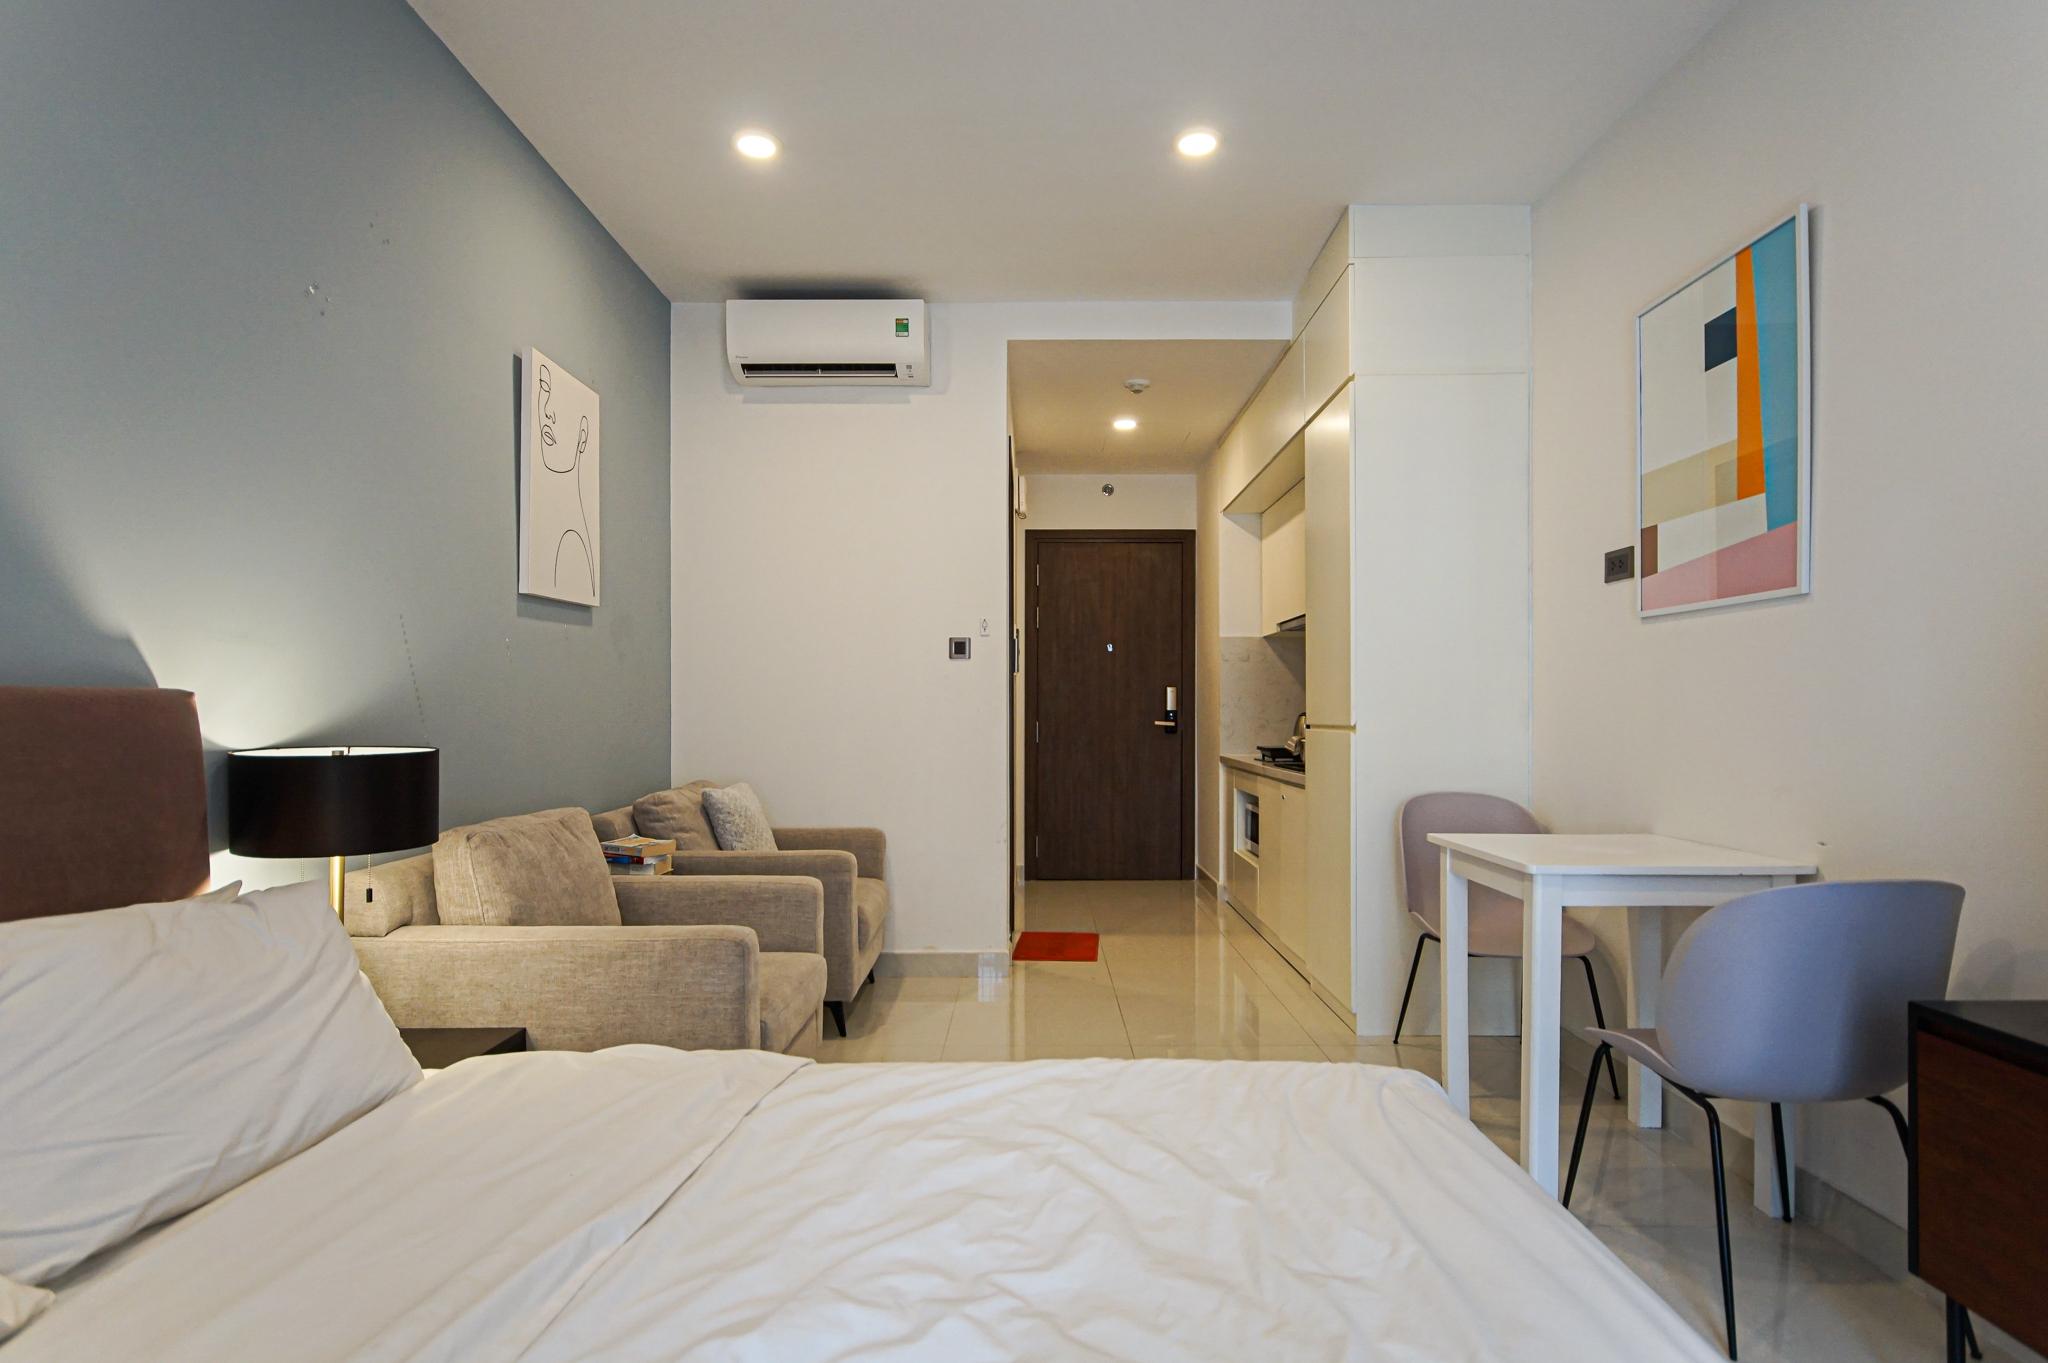 Cho Thuê Căn hộ Office-te 1 PN Saigon Royal Residence - Đầy Đủ Nội Thất & Nghệ Thuật -6